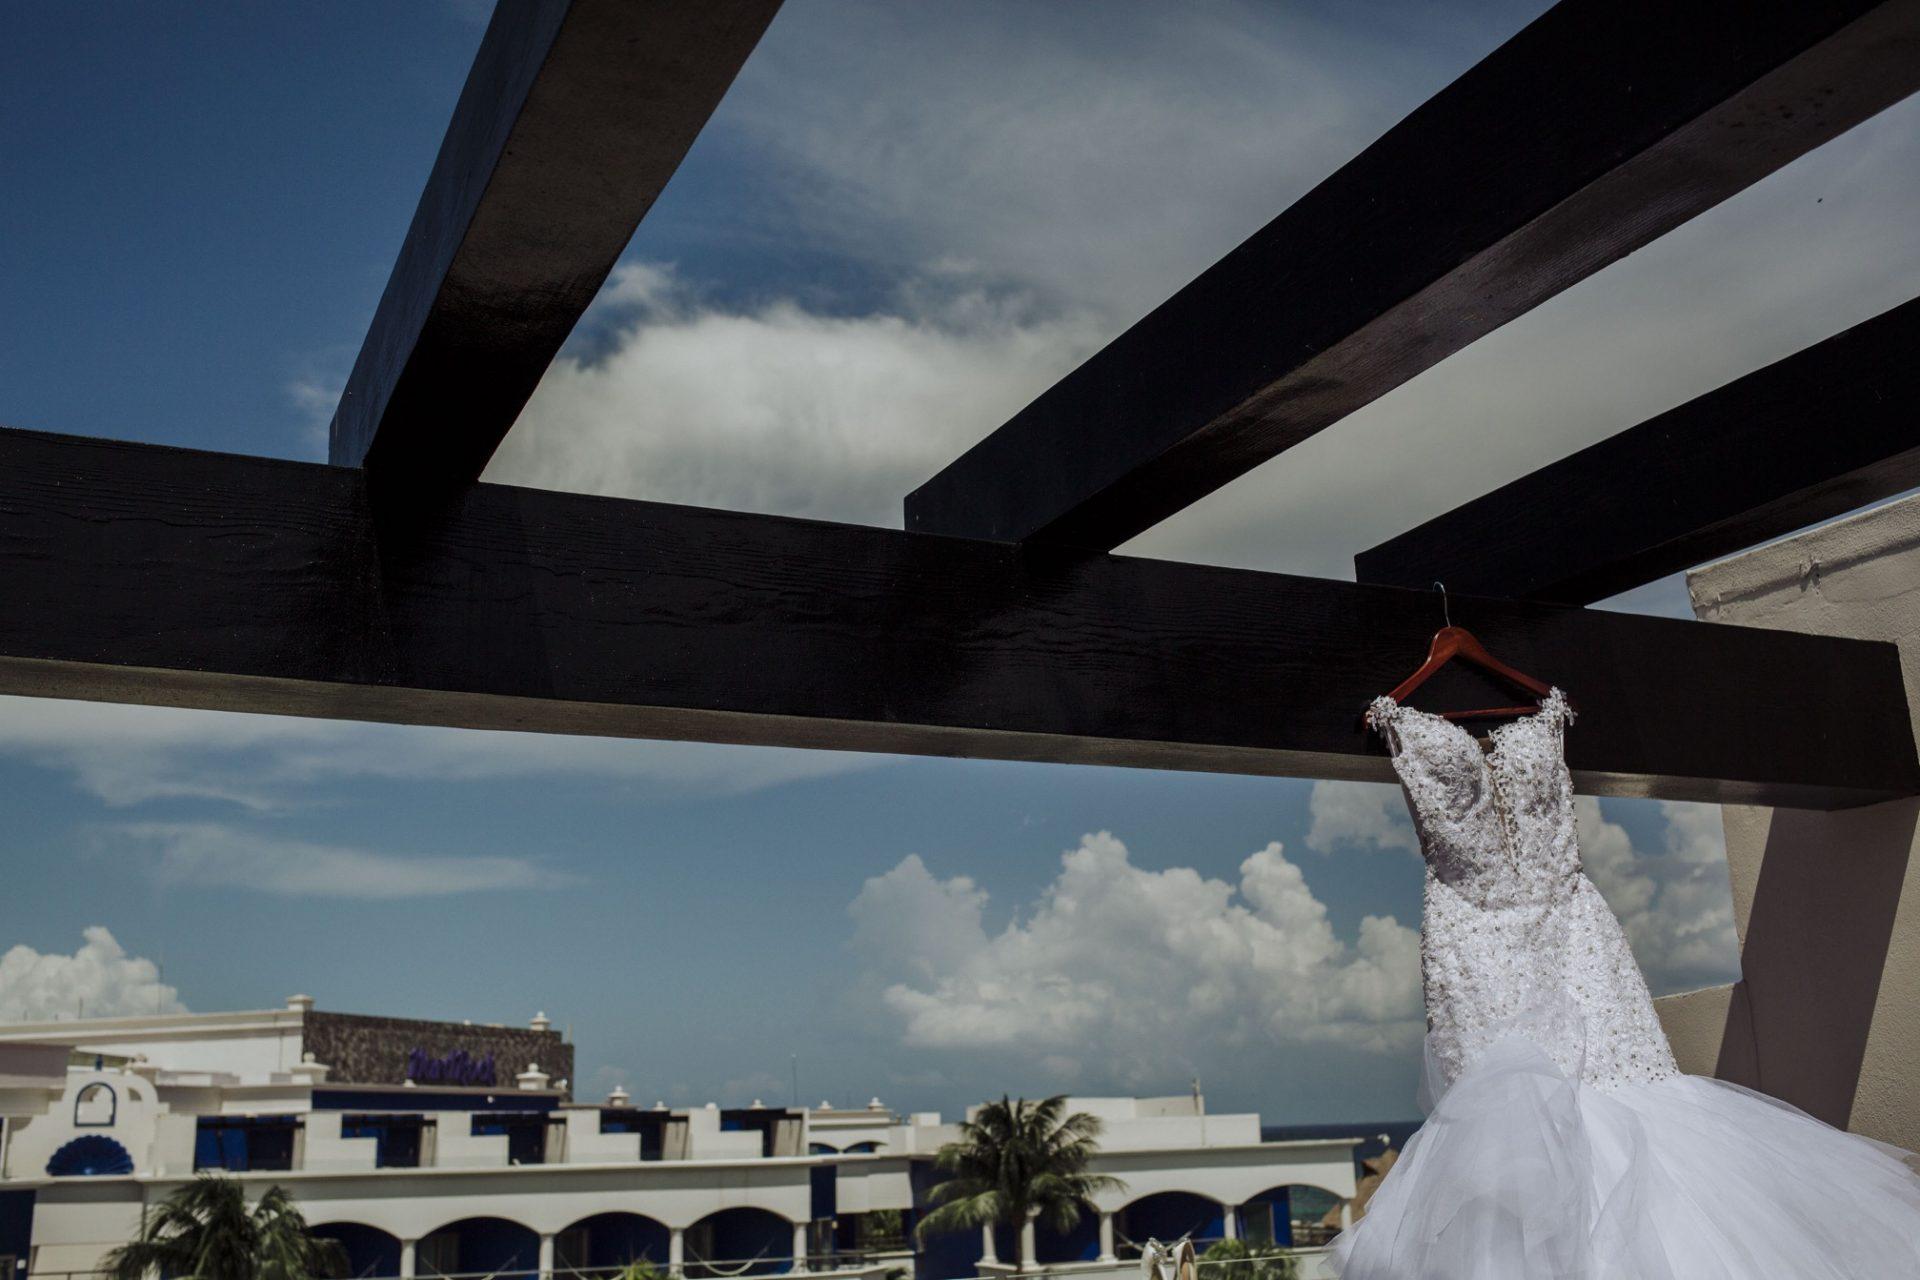 fotografo_bodas_profesional_zacatecas_riviera_maya_cancun-189